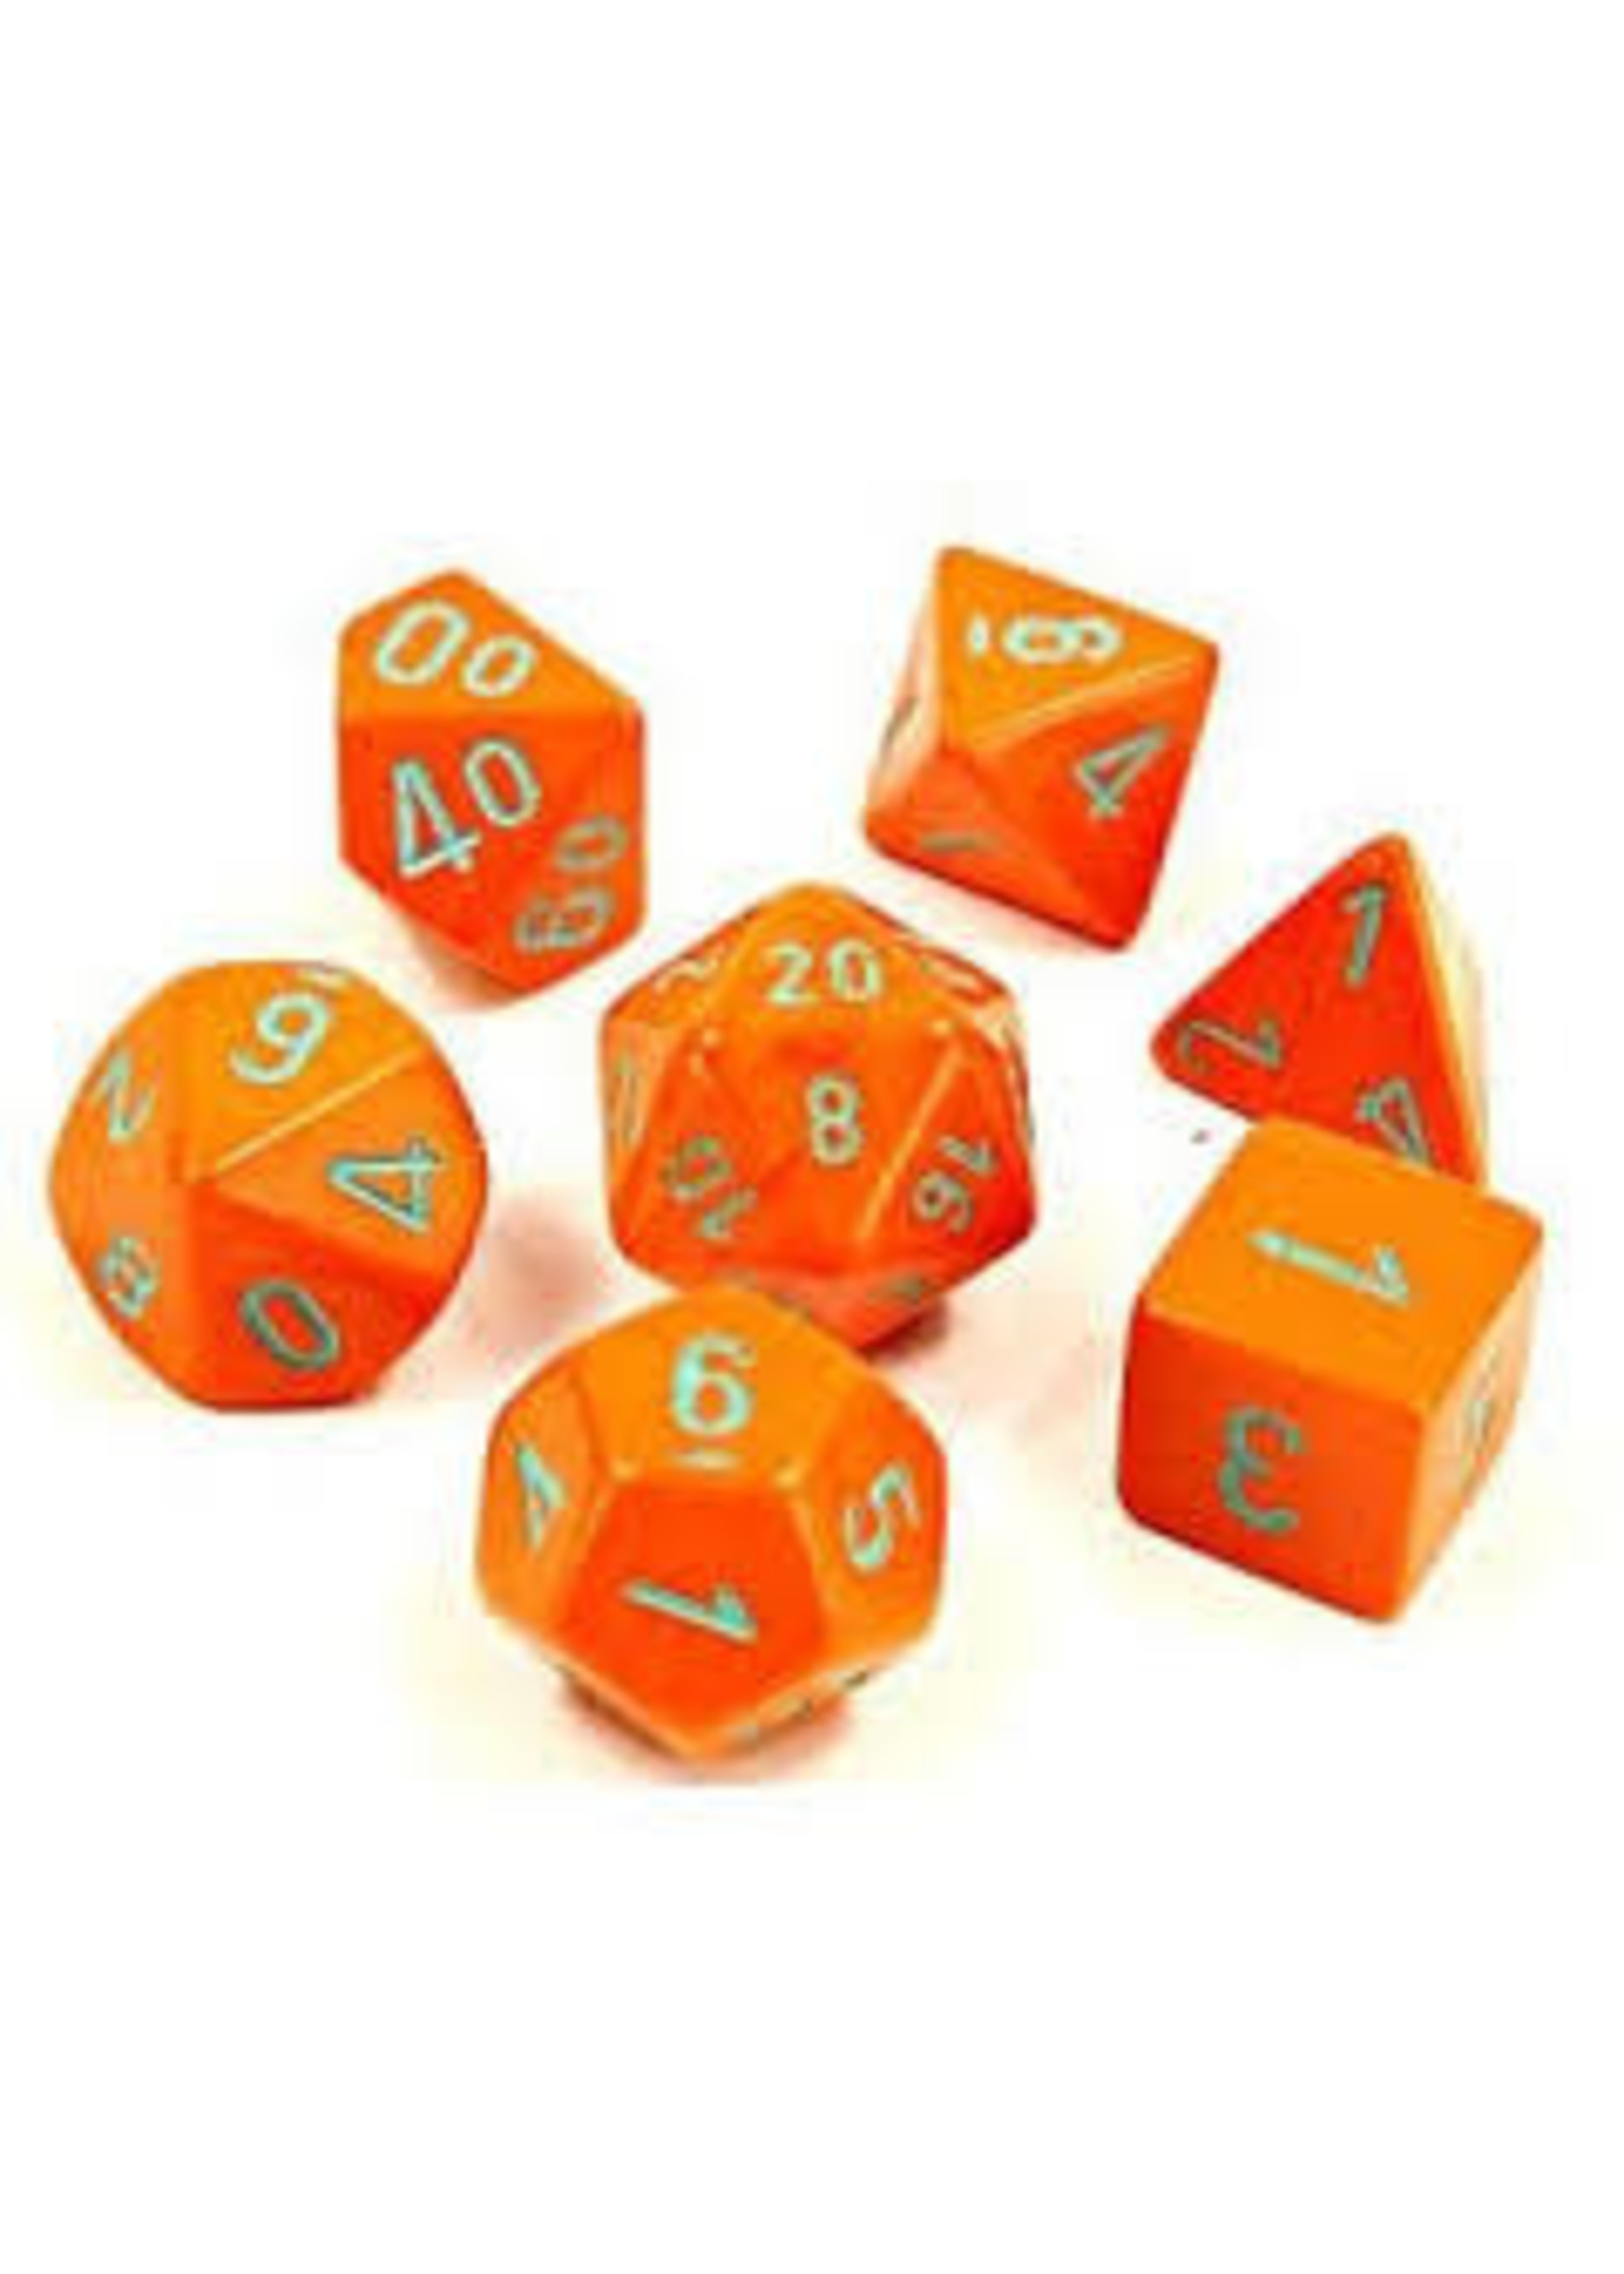 Chessex Lab Dice Heavy Poly 7 set: Orange w/ Turquoise